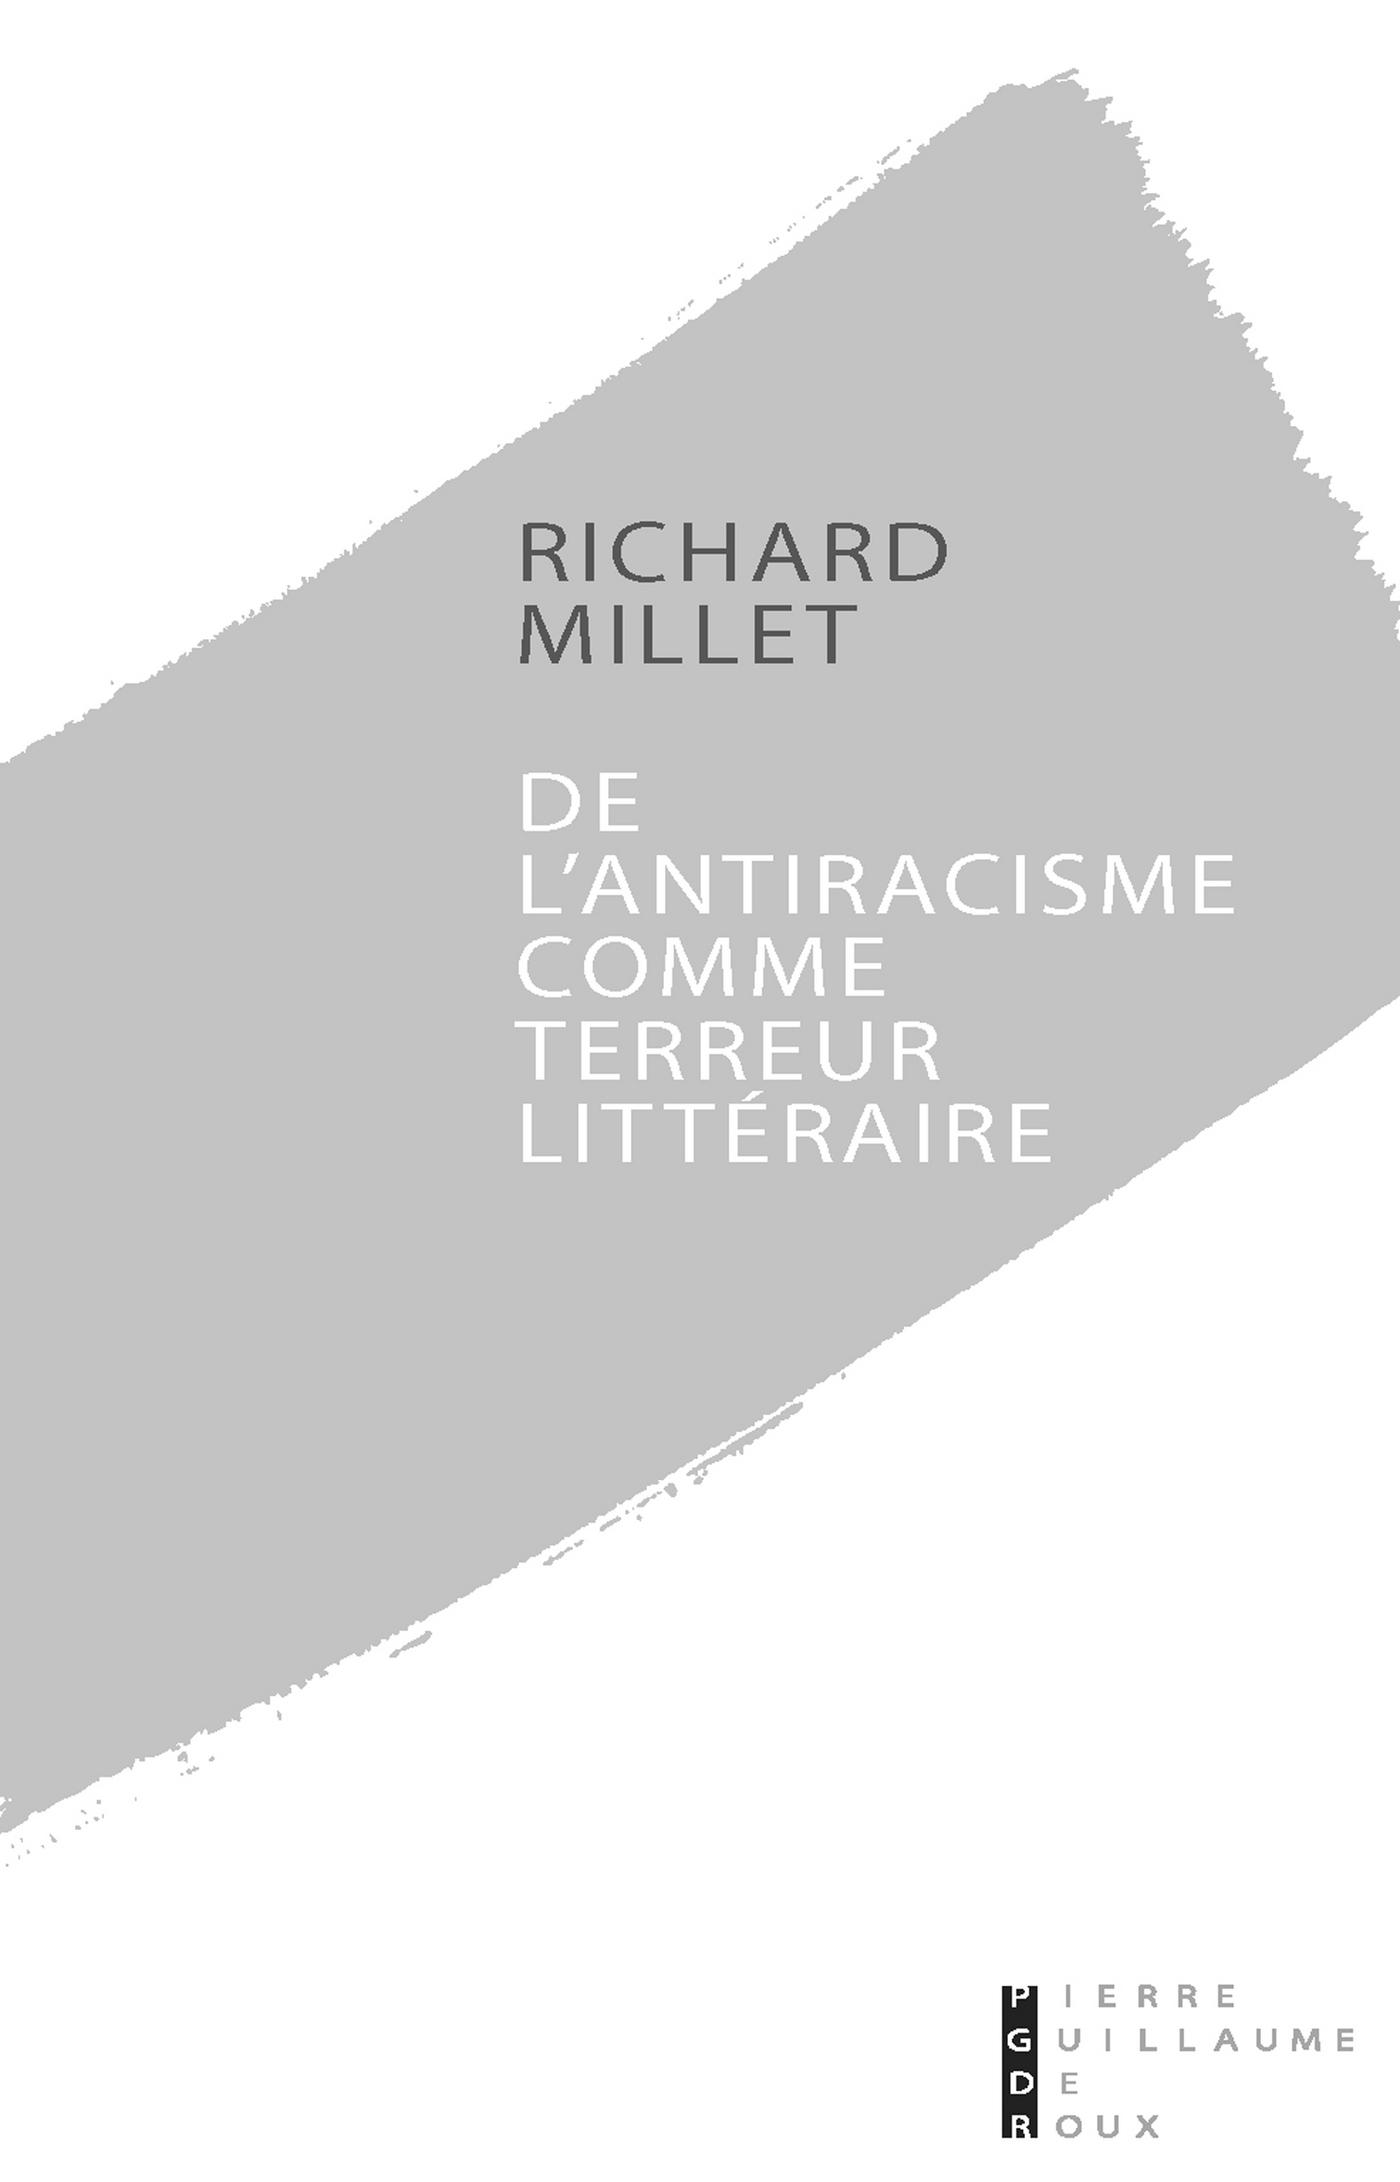 De l'antiracisme comme terreur littéraire (ebook)